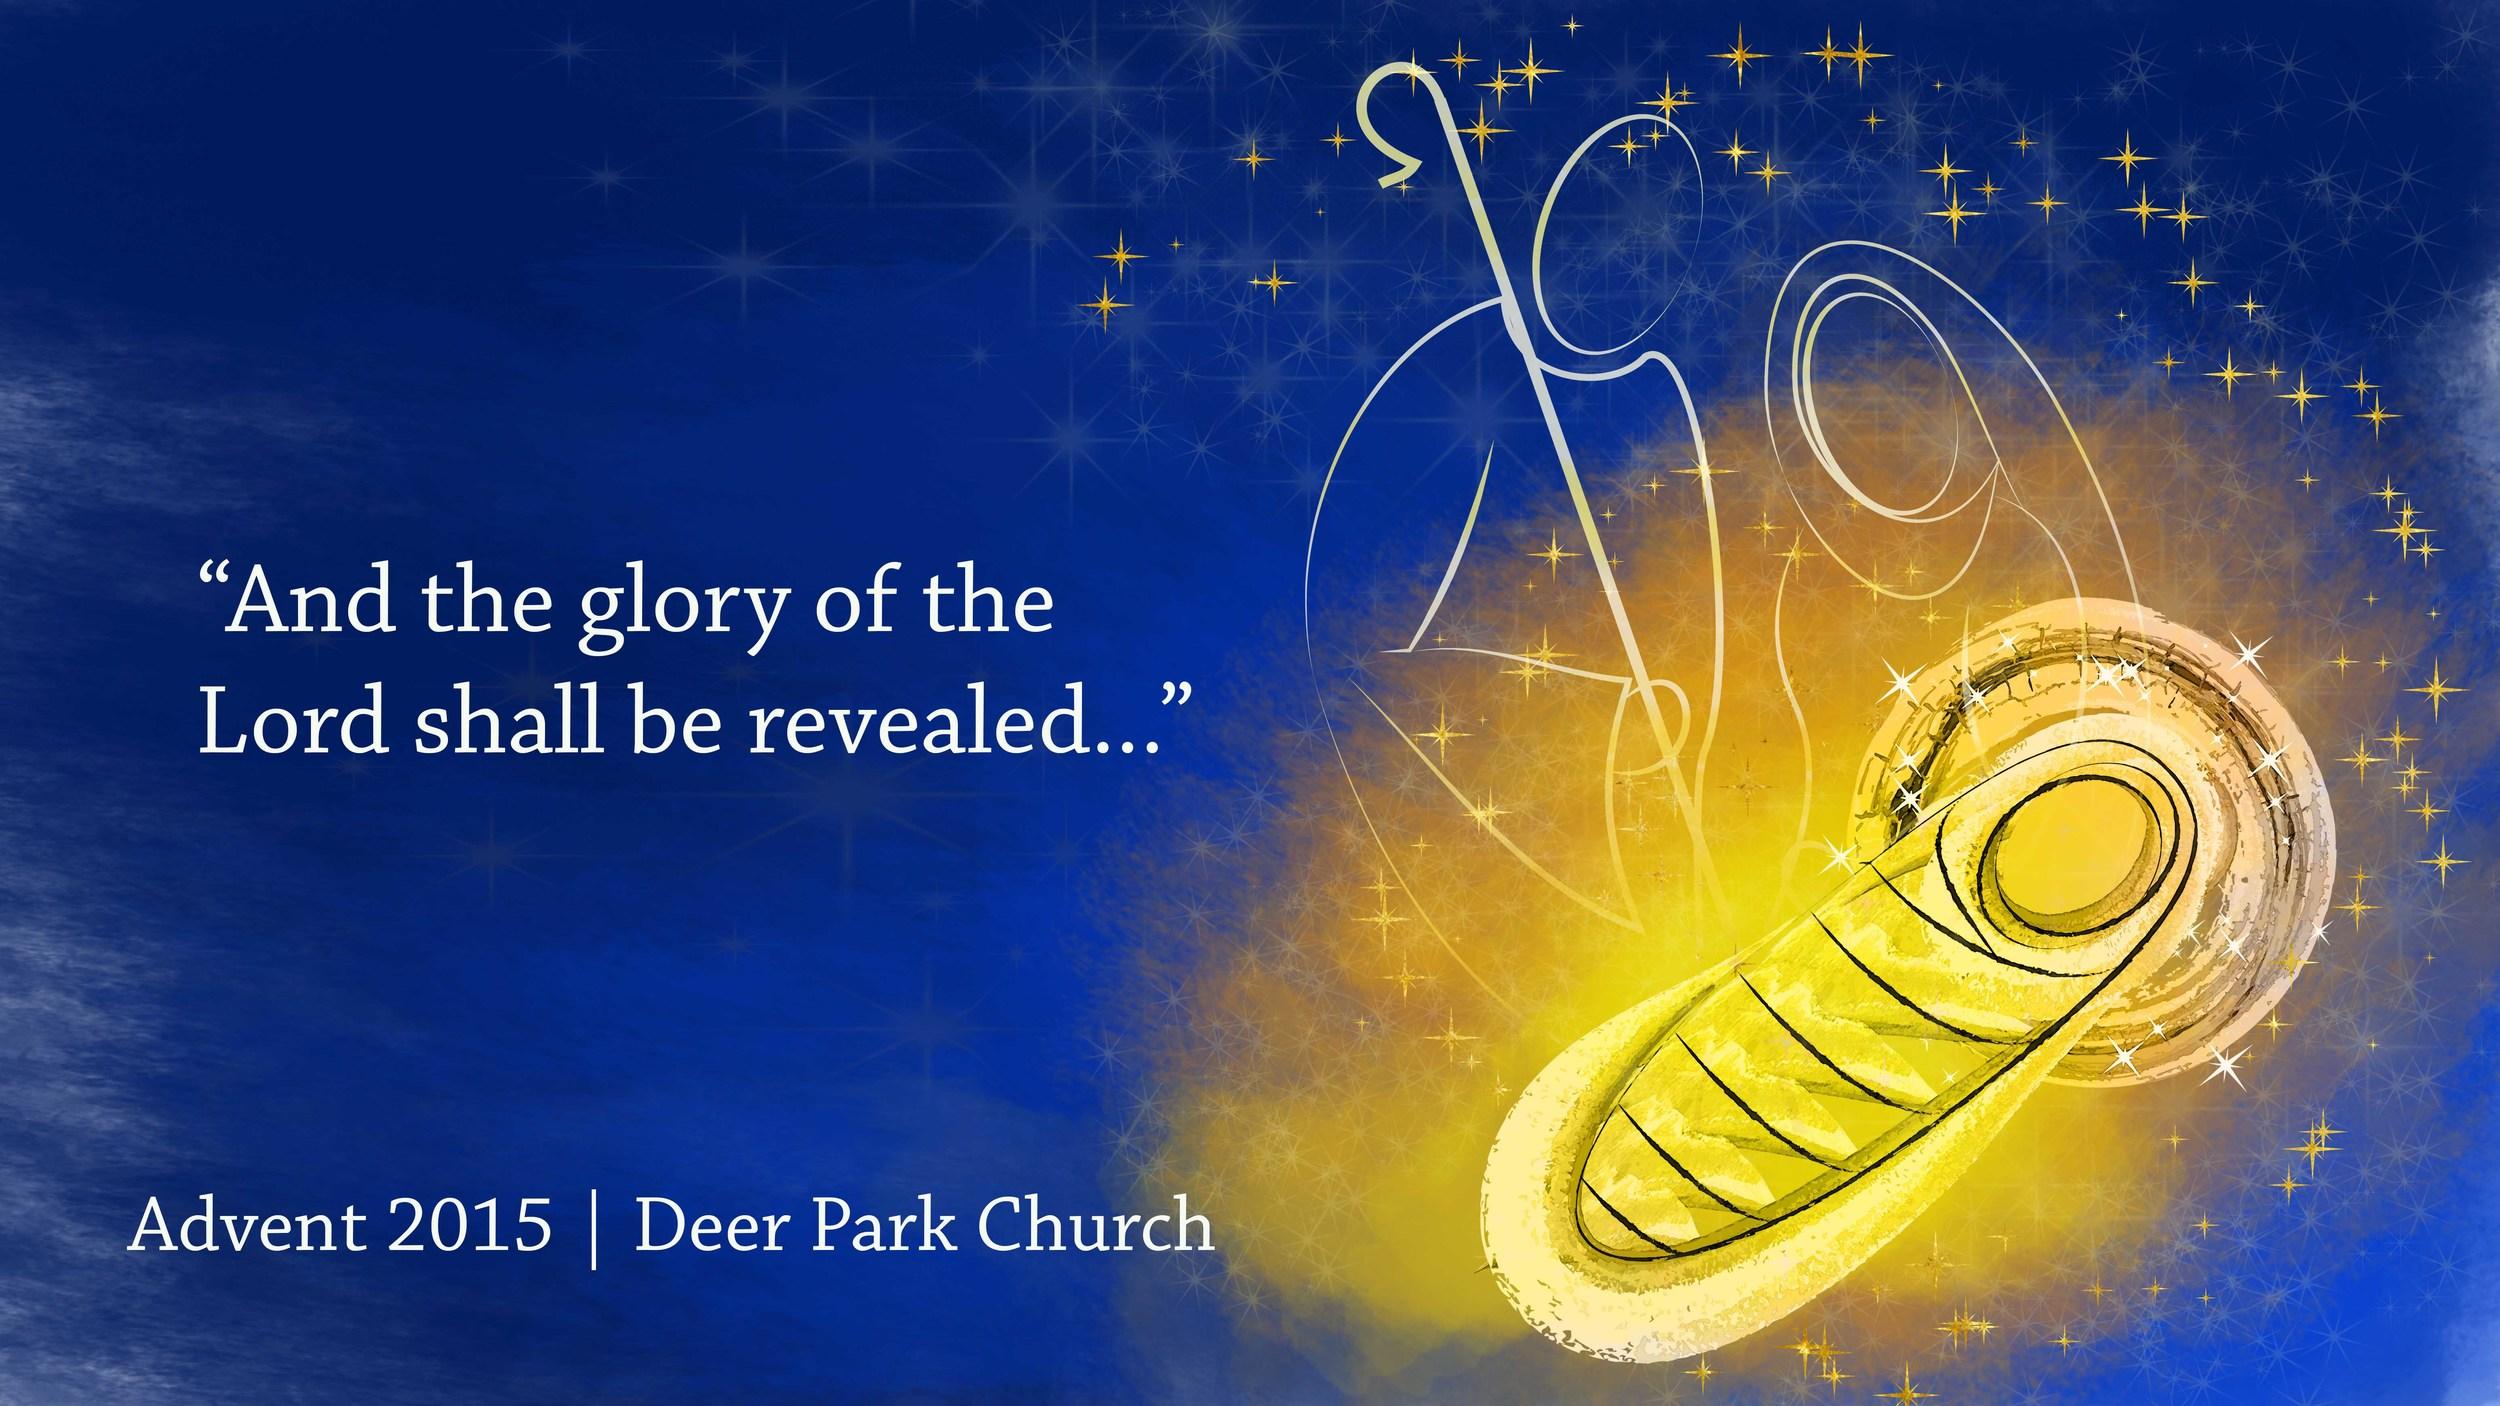 Deer Park Church 2015 Advent Devotional Book